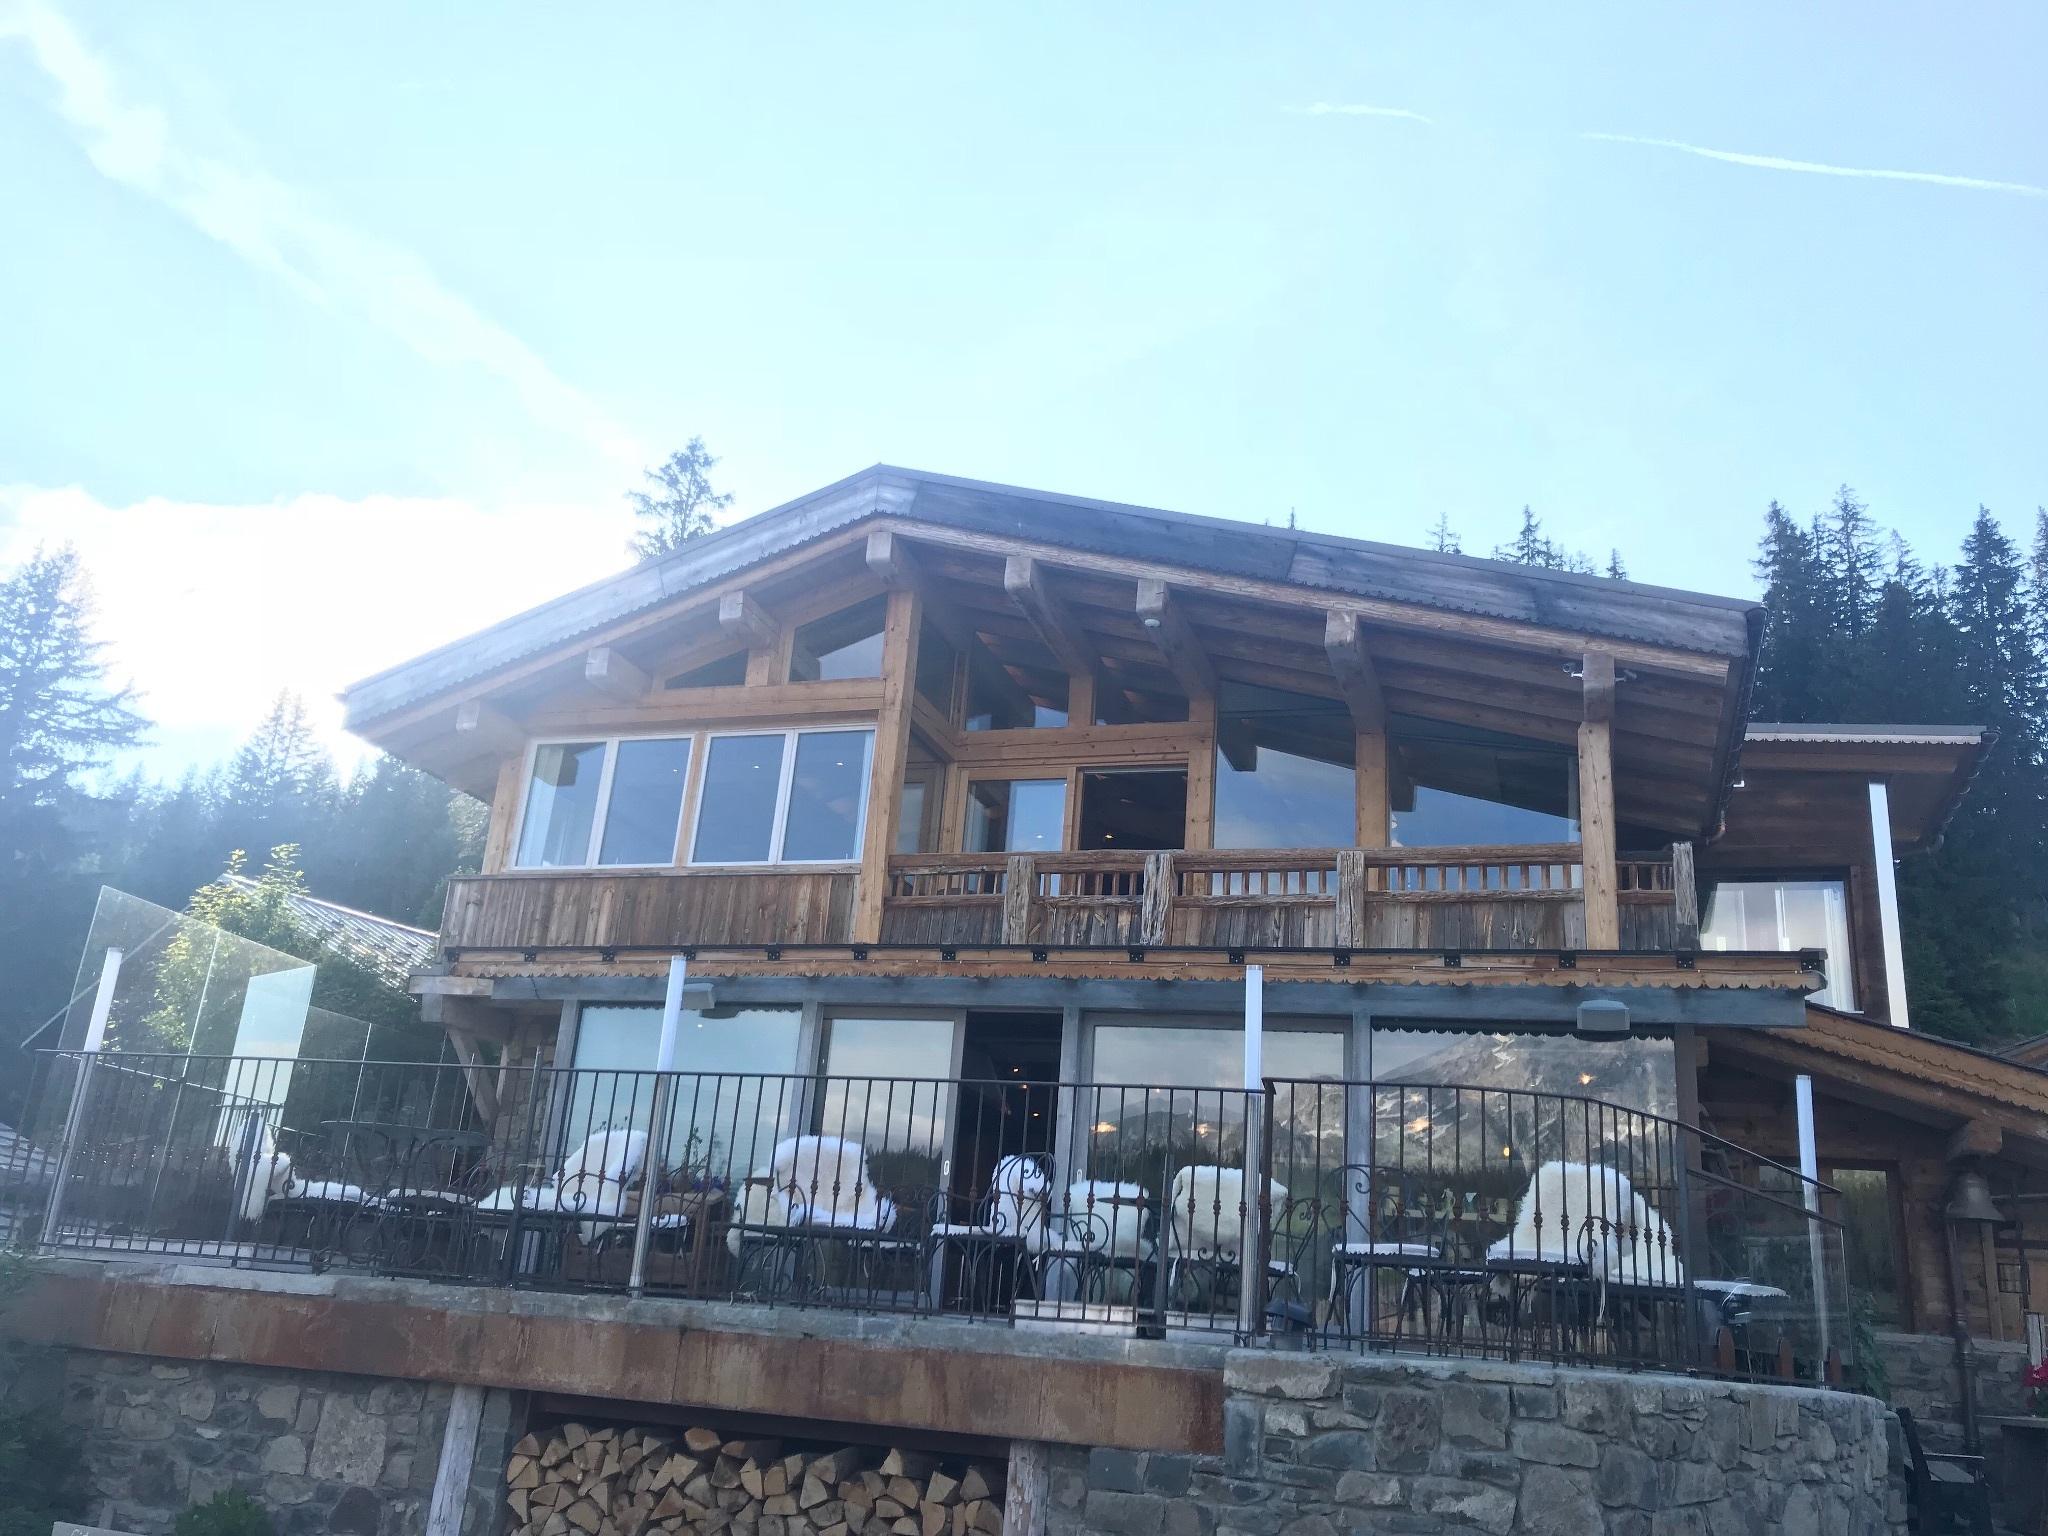 Maison En Bois Annecy la maison des bois - marc veyrat, manigod | michelin star